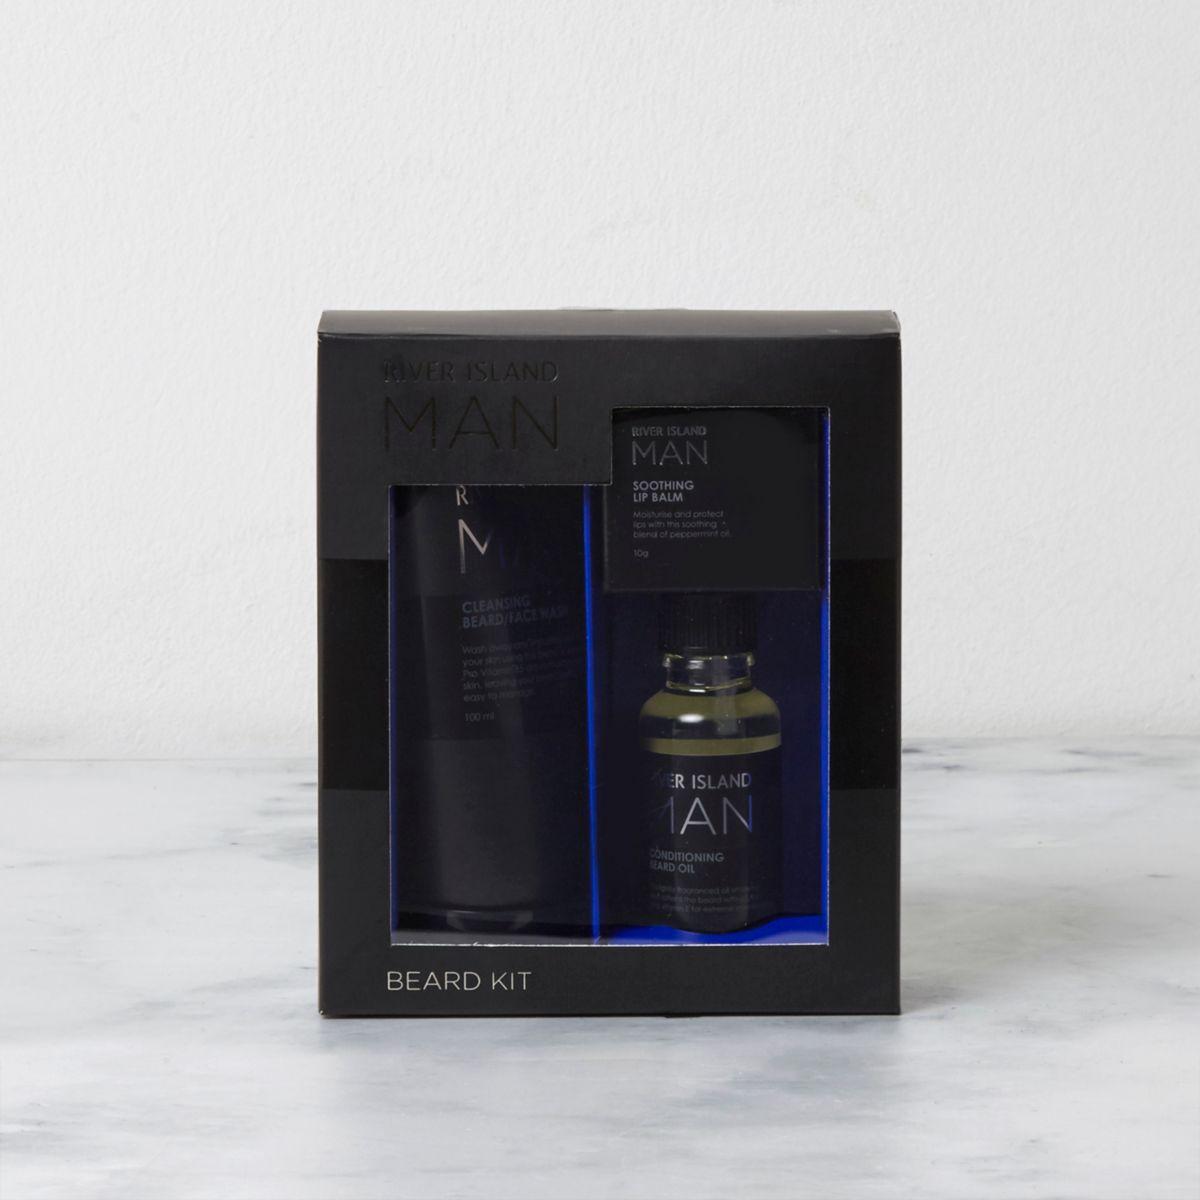 Black beard grooming kit